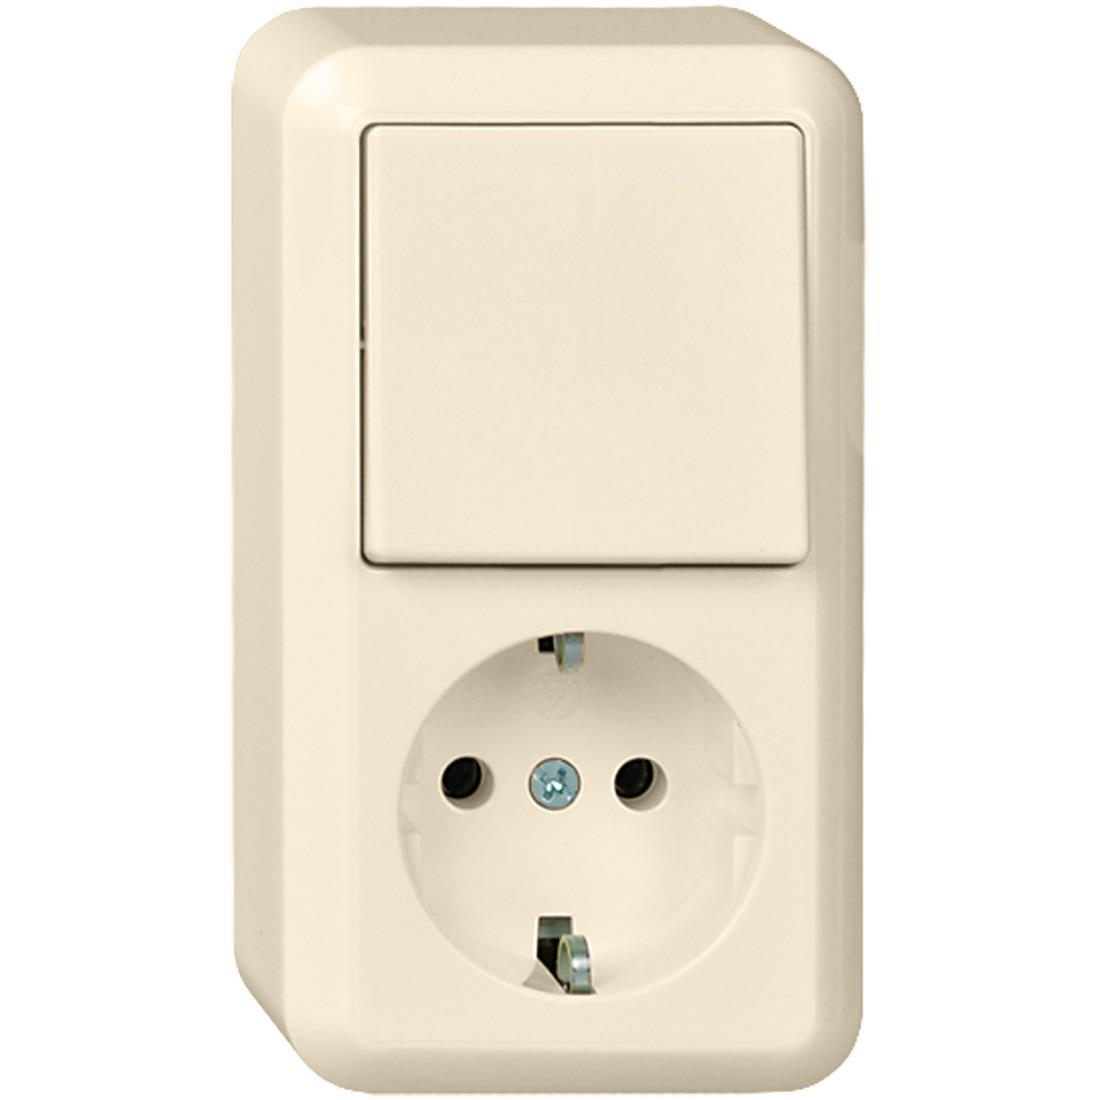 Schneider Electric Contura opbouw combinatie enkelvoudige wandcontactdoos met randaarde + wisselschakelaar - crème wit (388600)